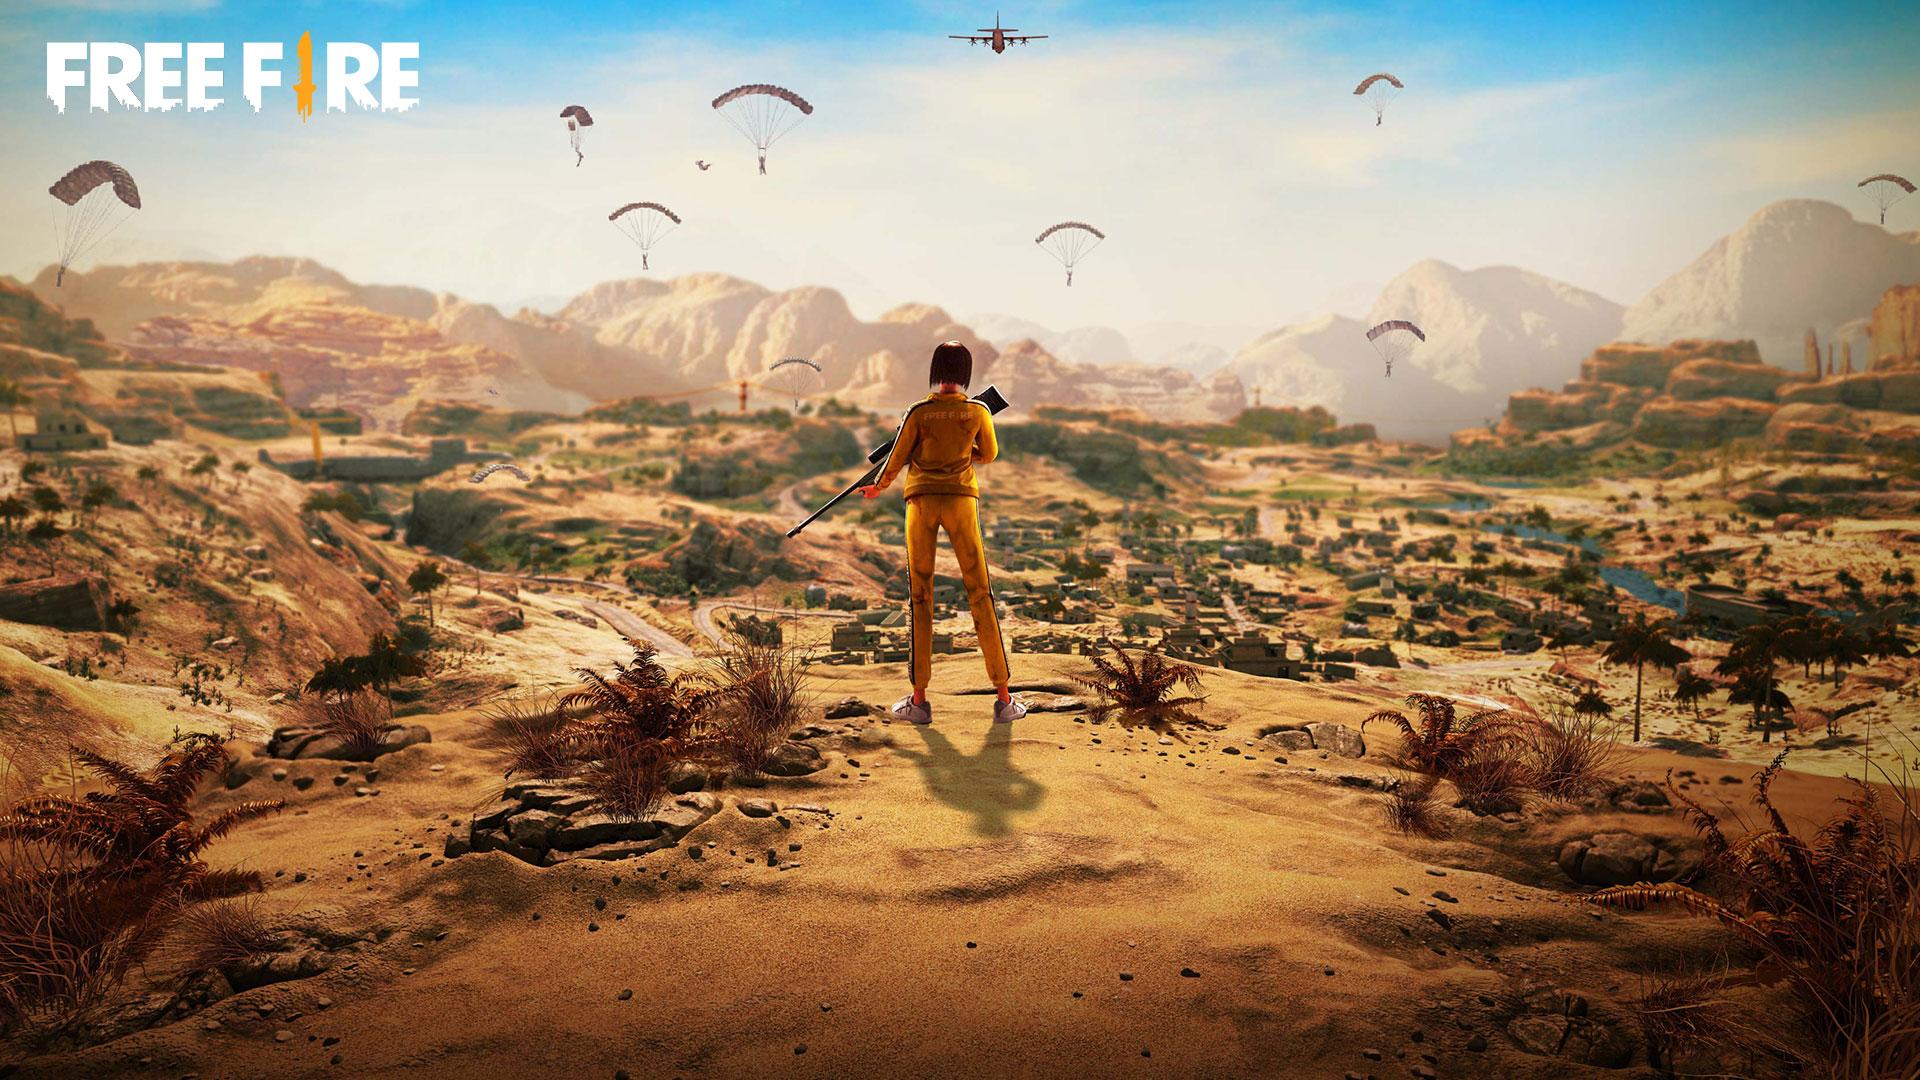 Ilustração de Free FIre mostrando personagem com roupa amarela em deserto vendo vários personagens caindo de paraquedas ao longe